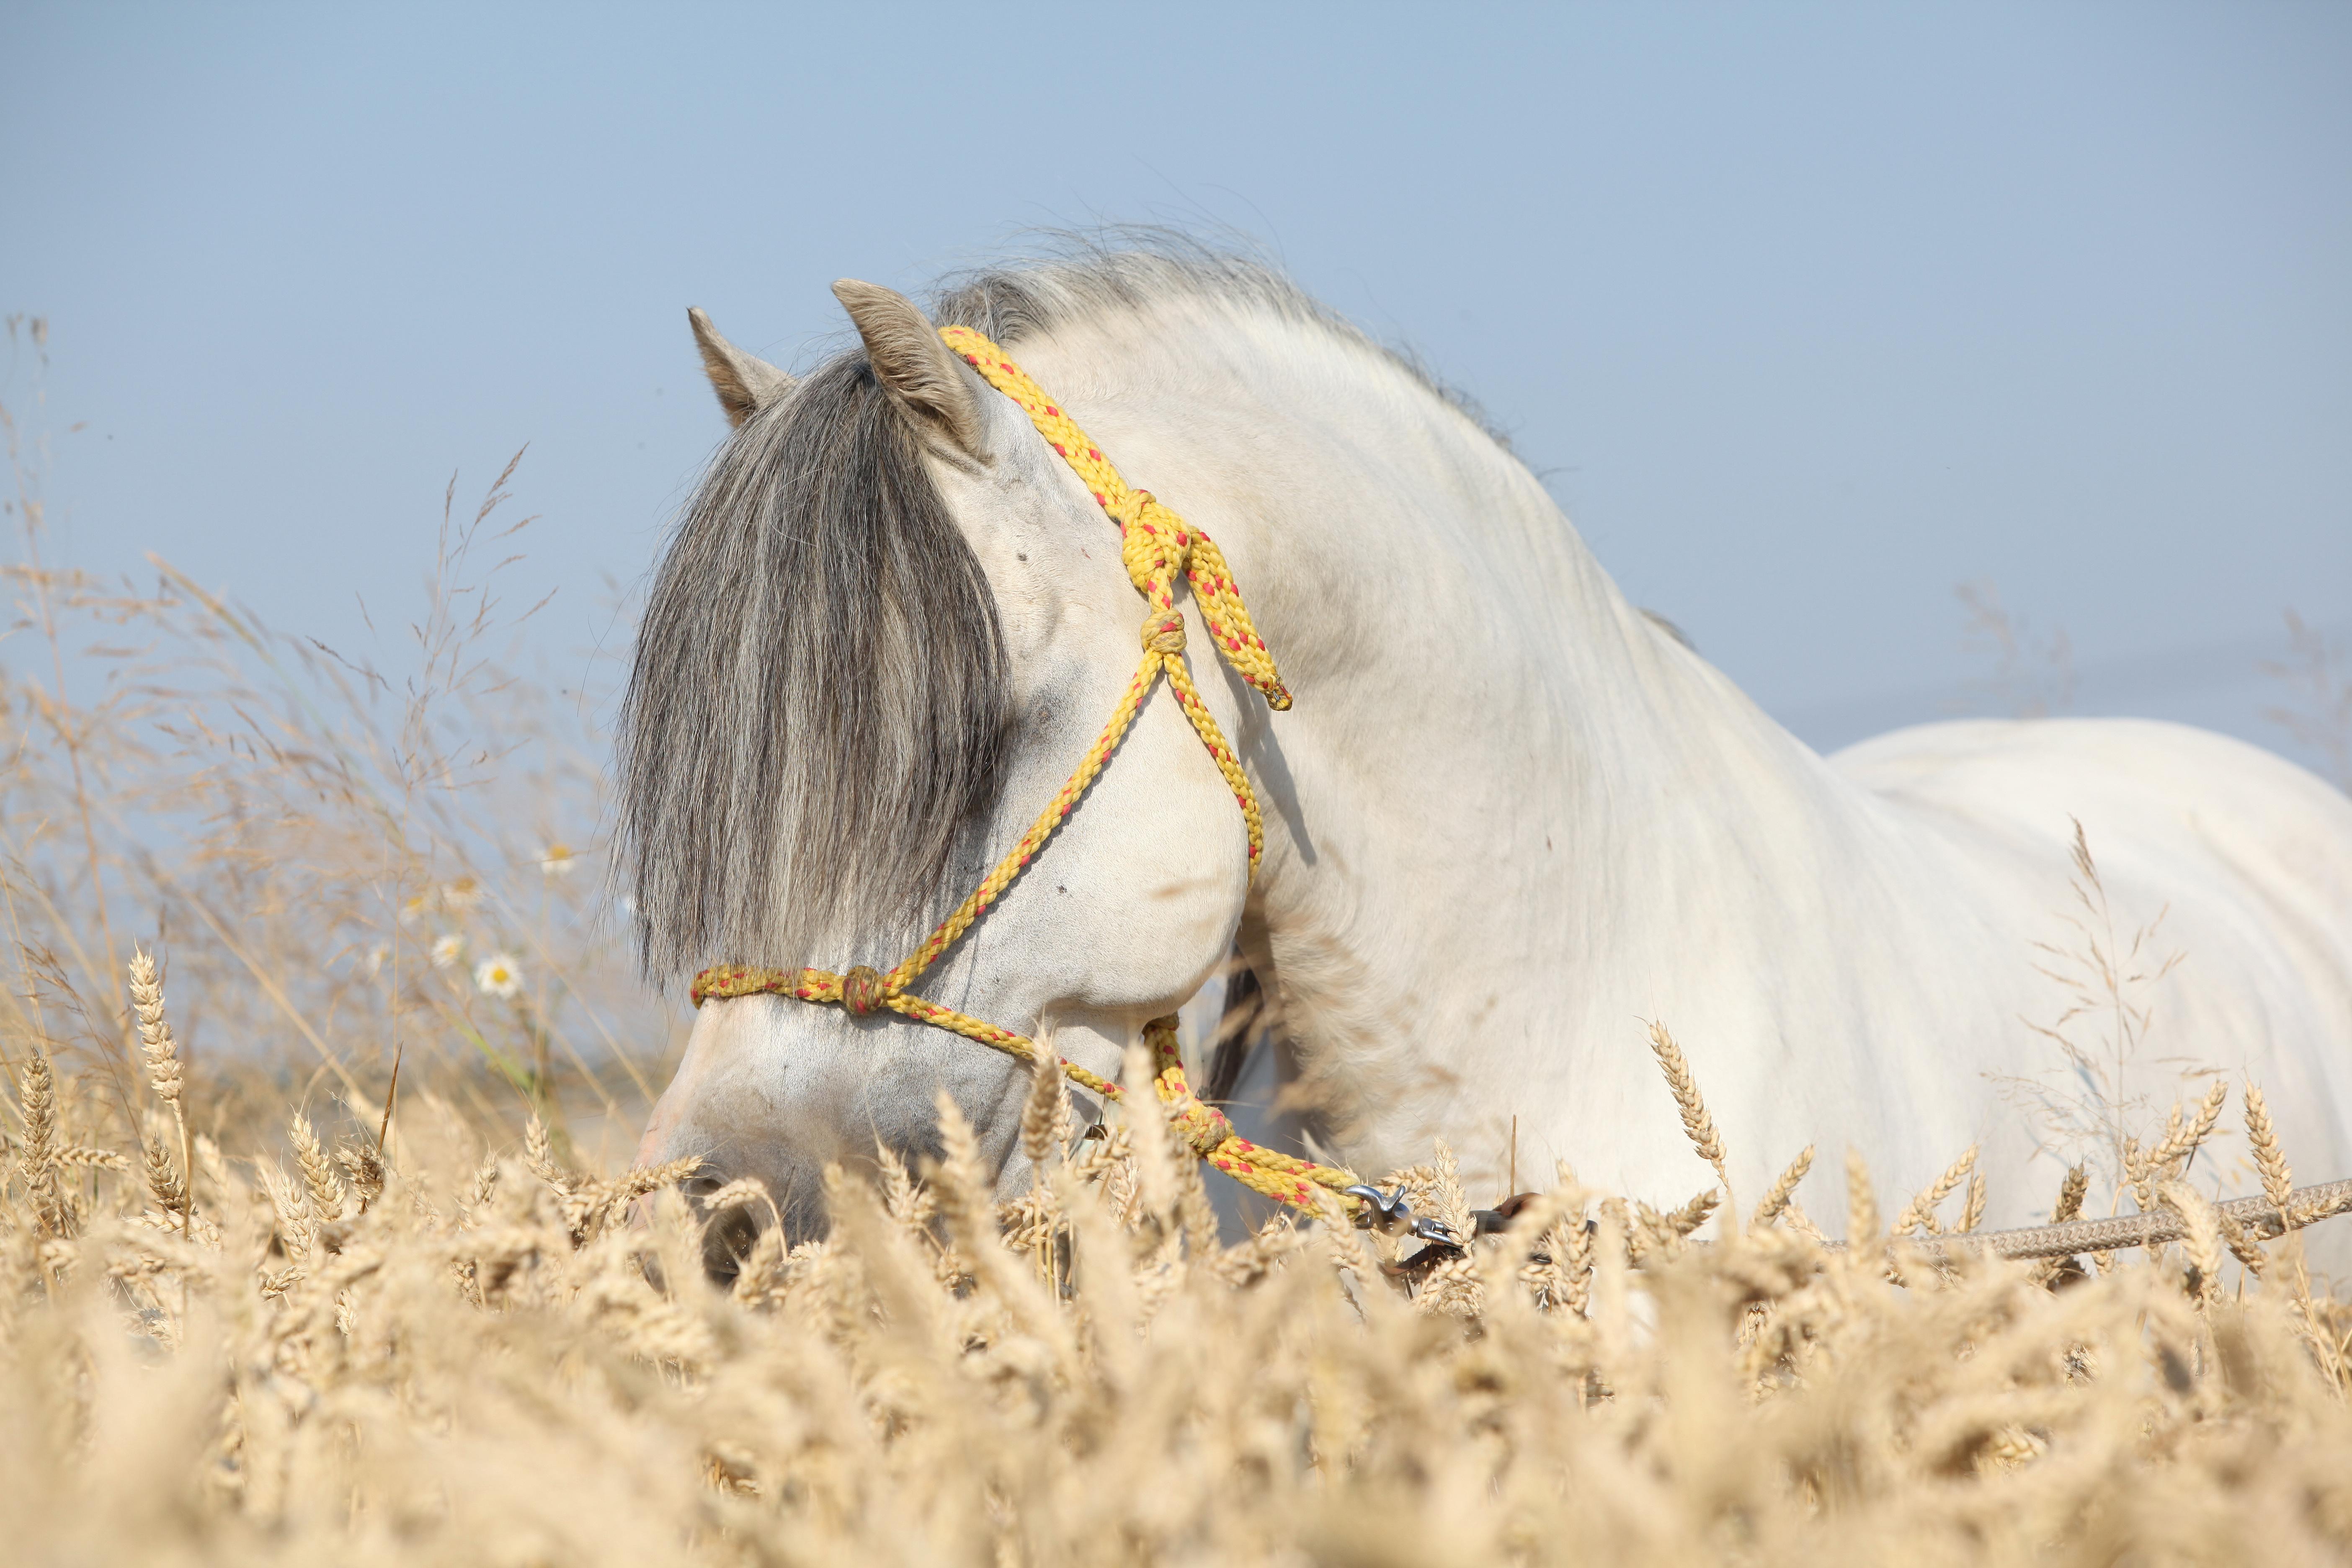 Welsh mountain pony in corn field